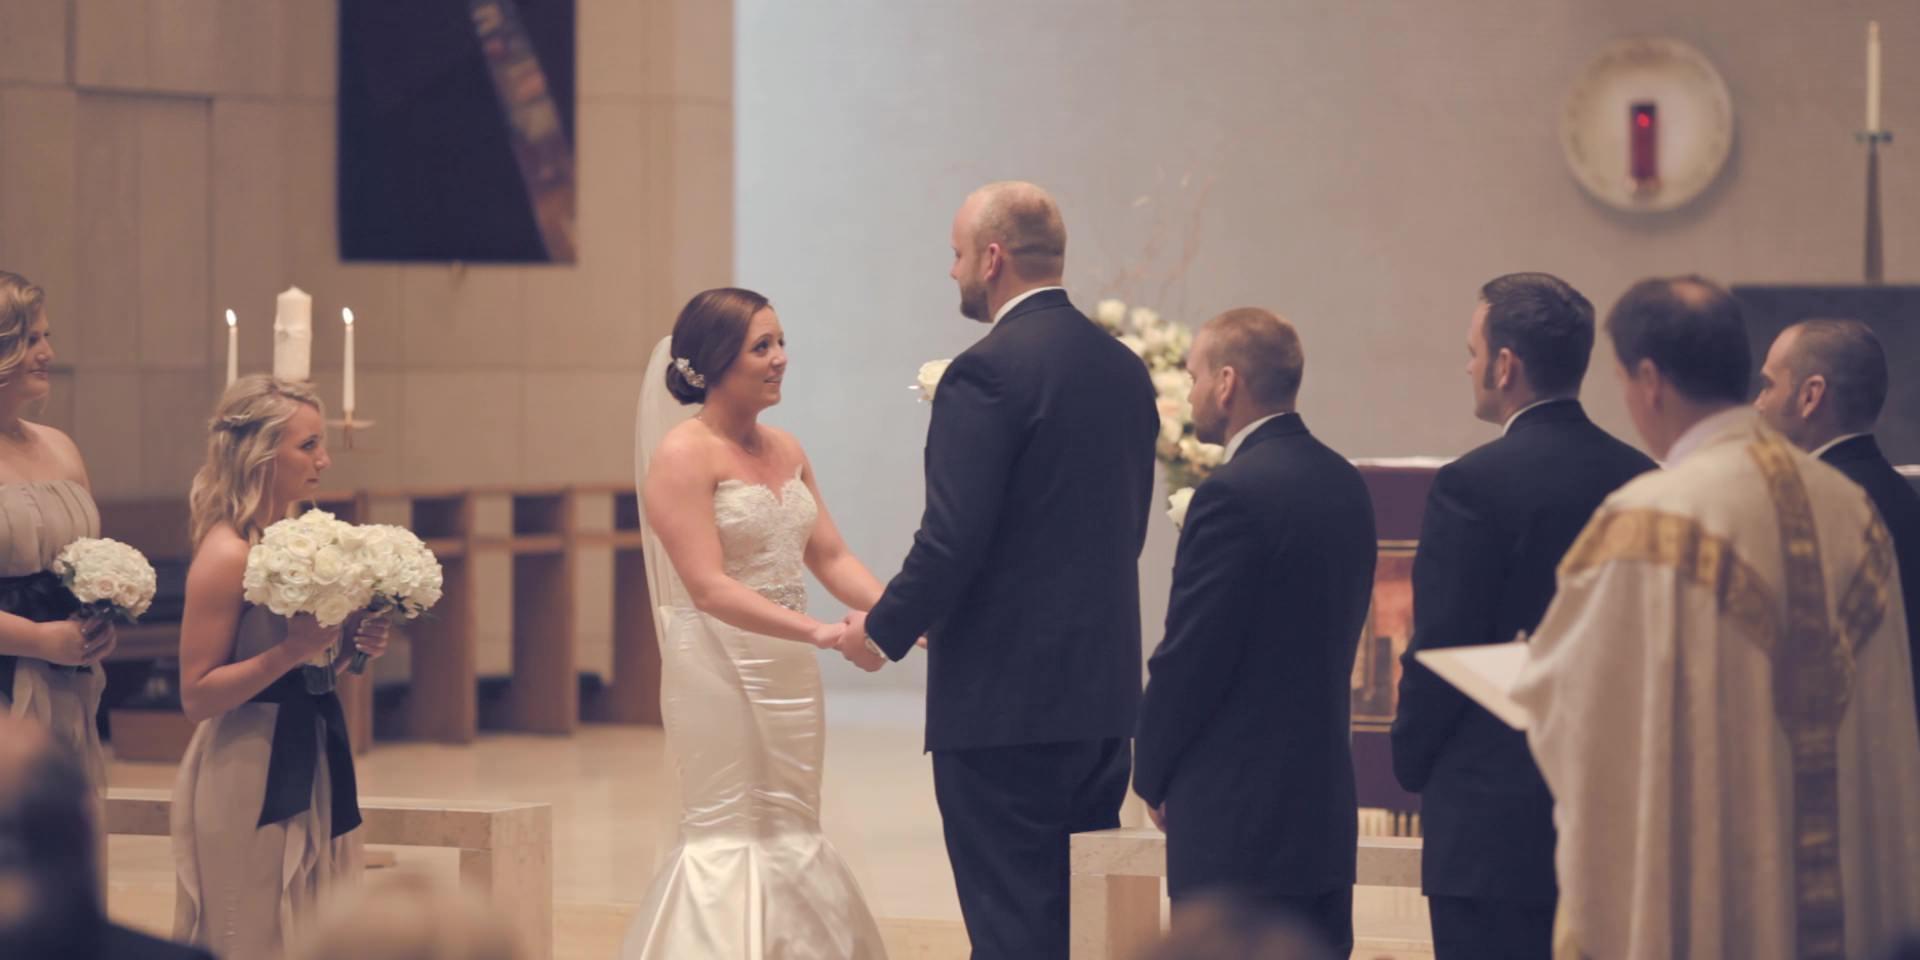 matt&anna wedding story.mp4-still00017.jpg